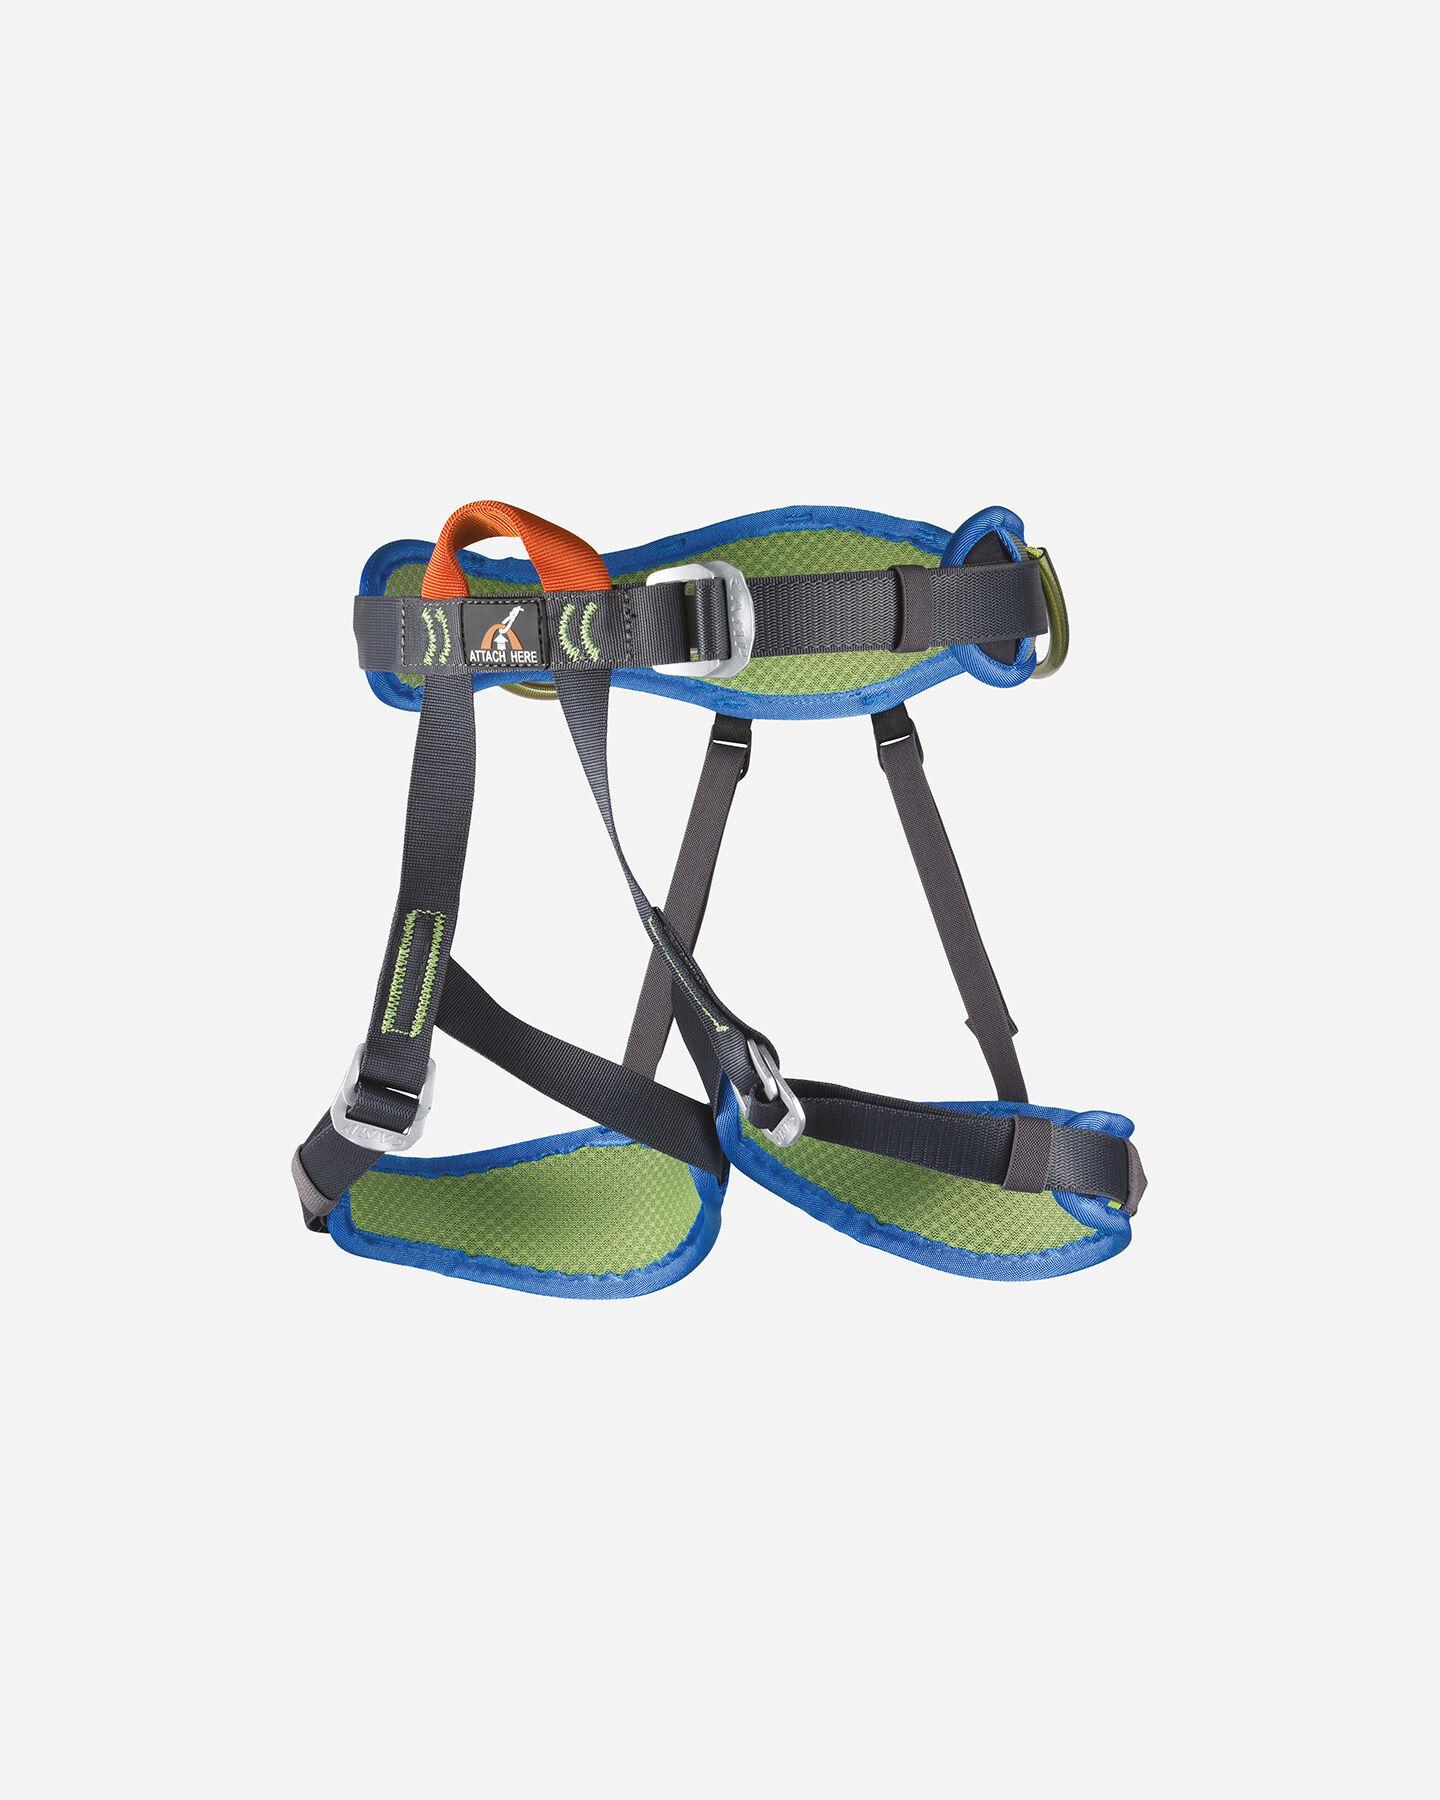 Accessorio arrampicata CAMP KIT CAMP FERRATA KINETIC 2746 ROCKSTAR-TOPAZ PLUS S4027971 1 UNI scatto 1